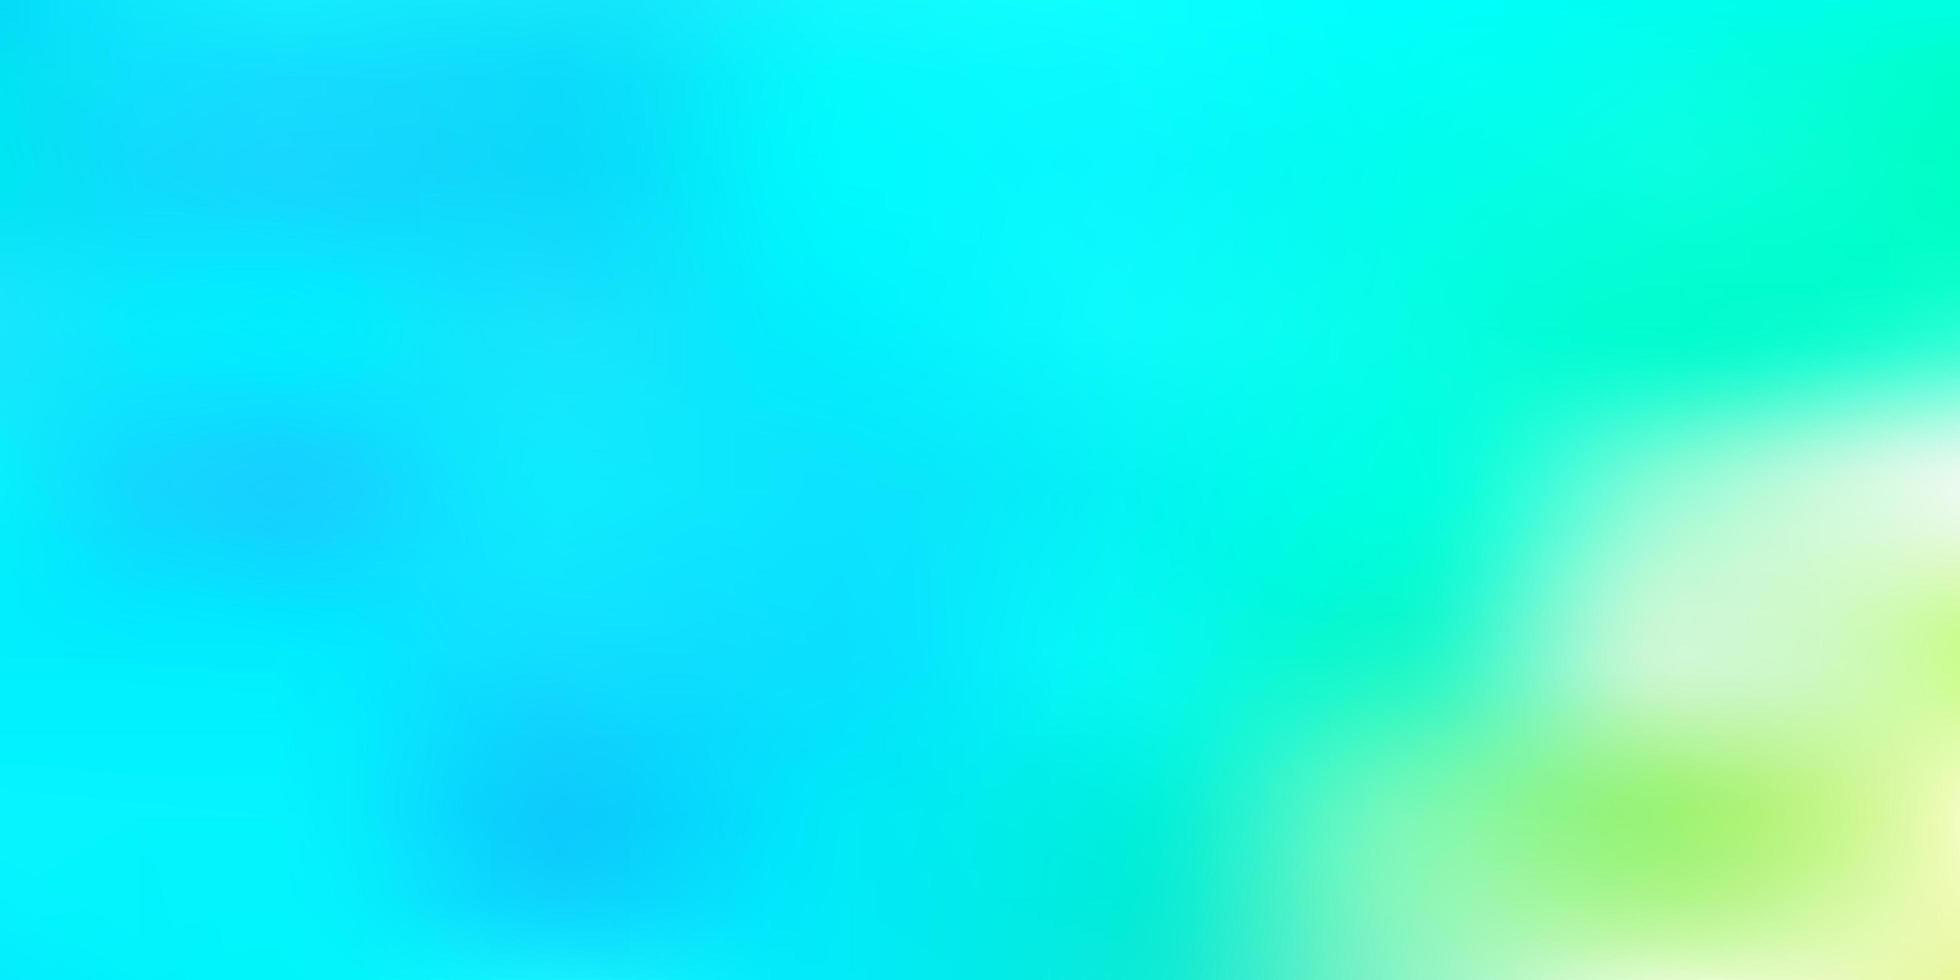 abstrato azul claro verde vetor desfocar o fundo